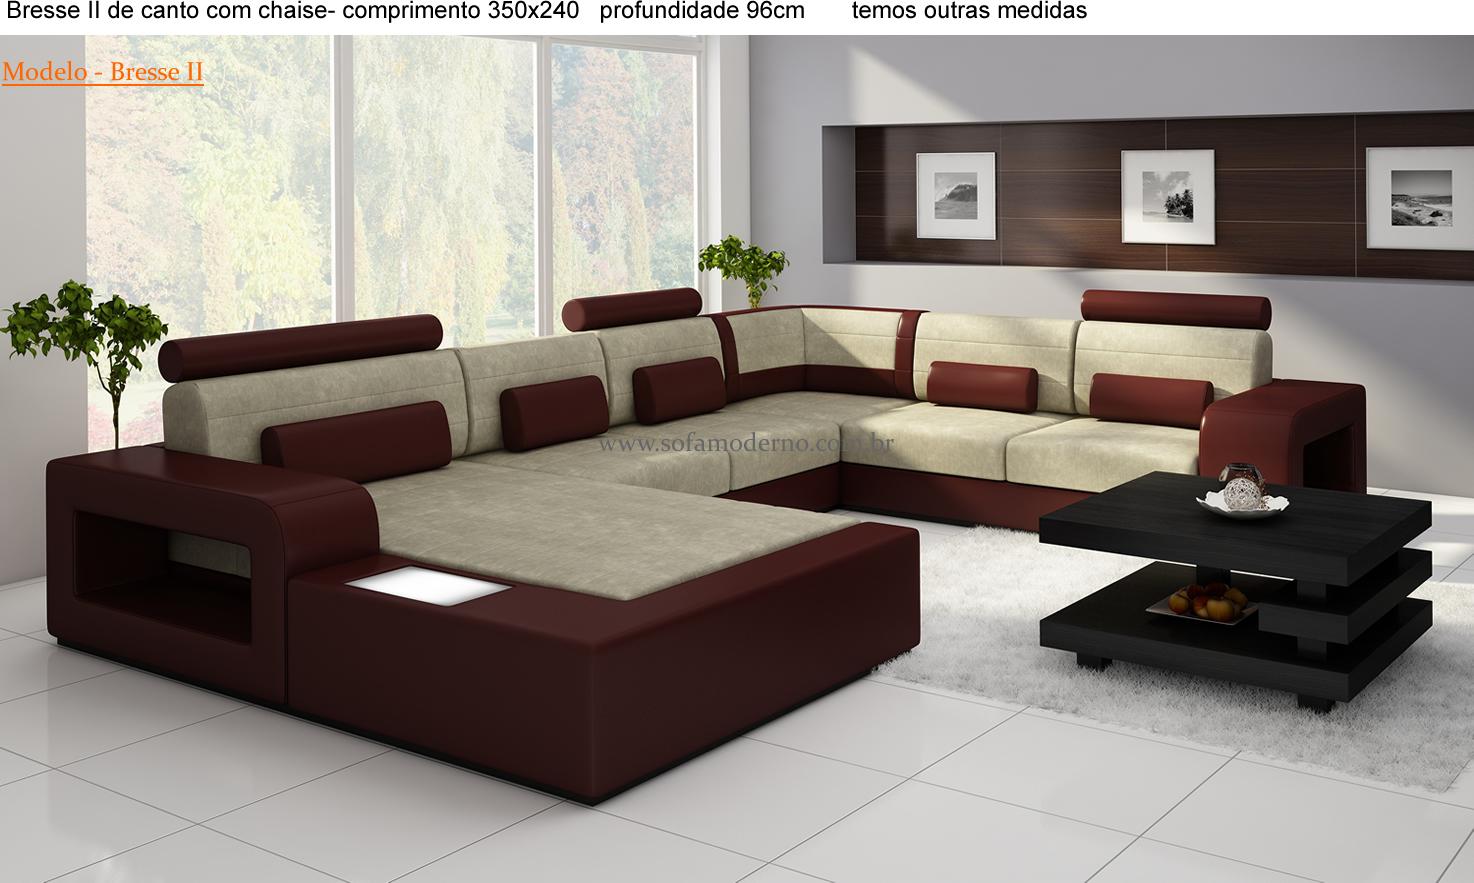 Sofá Modular - Perfeito para sala pequena e sala grande ...